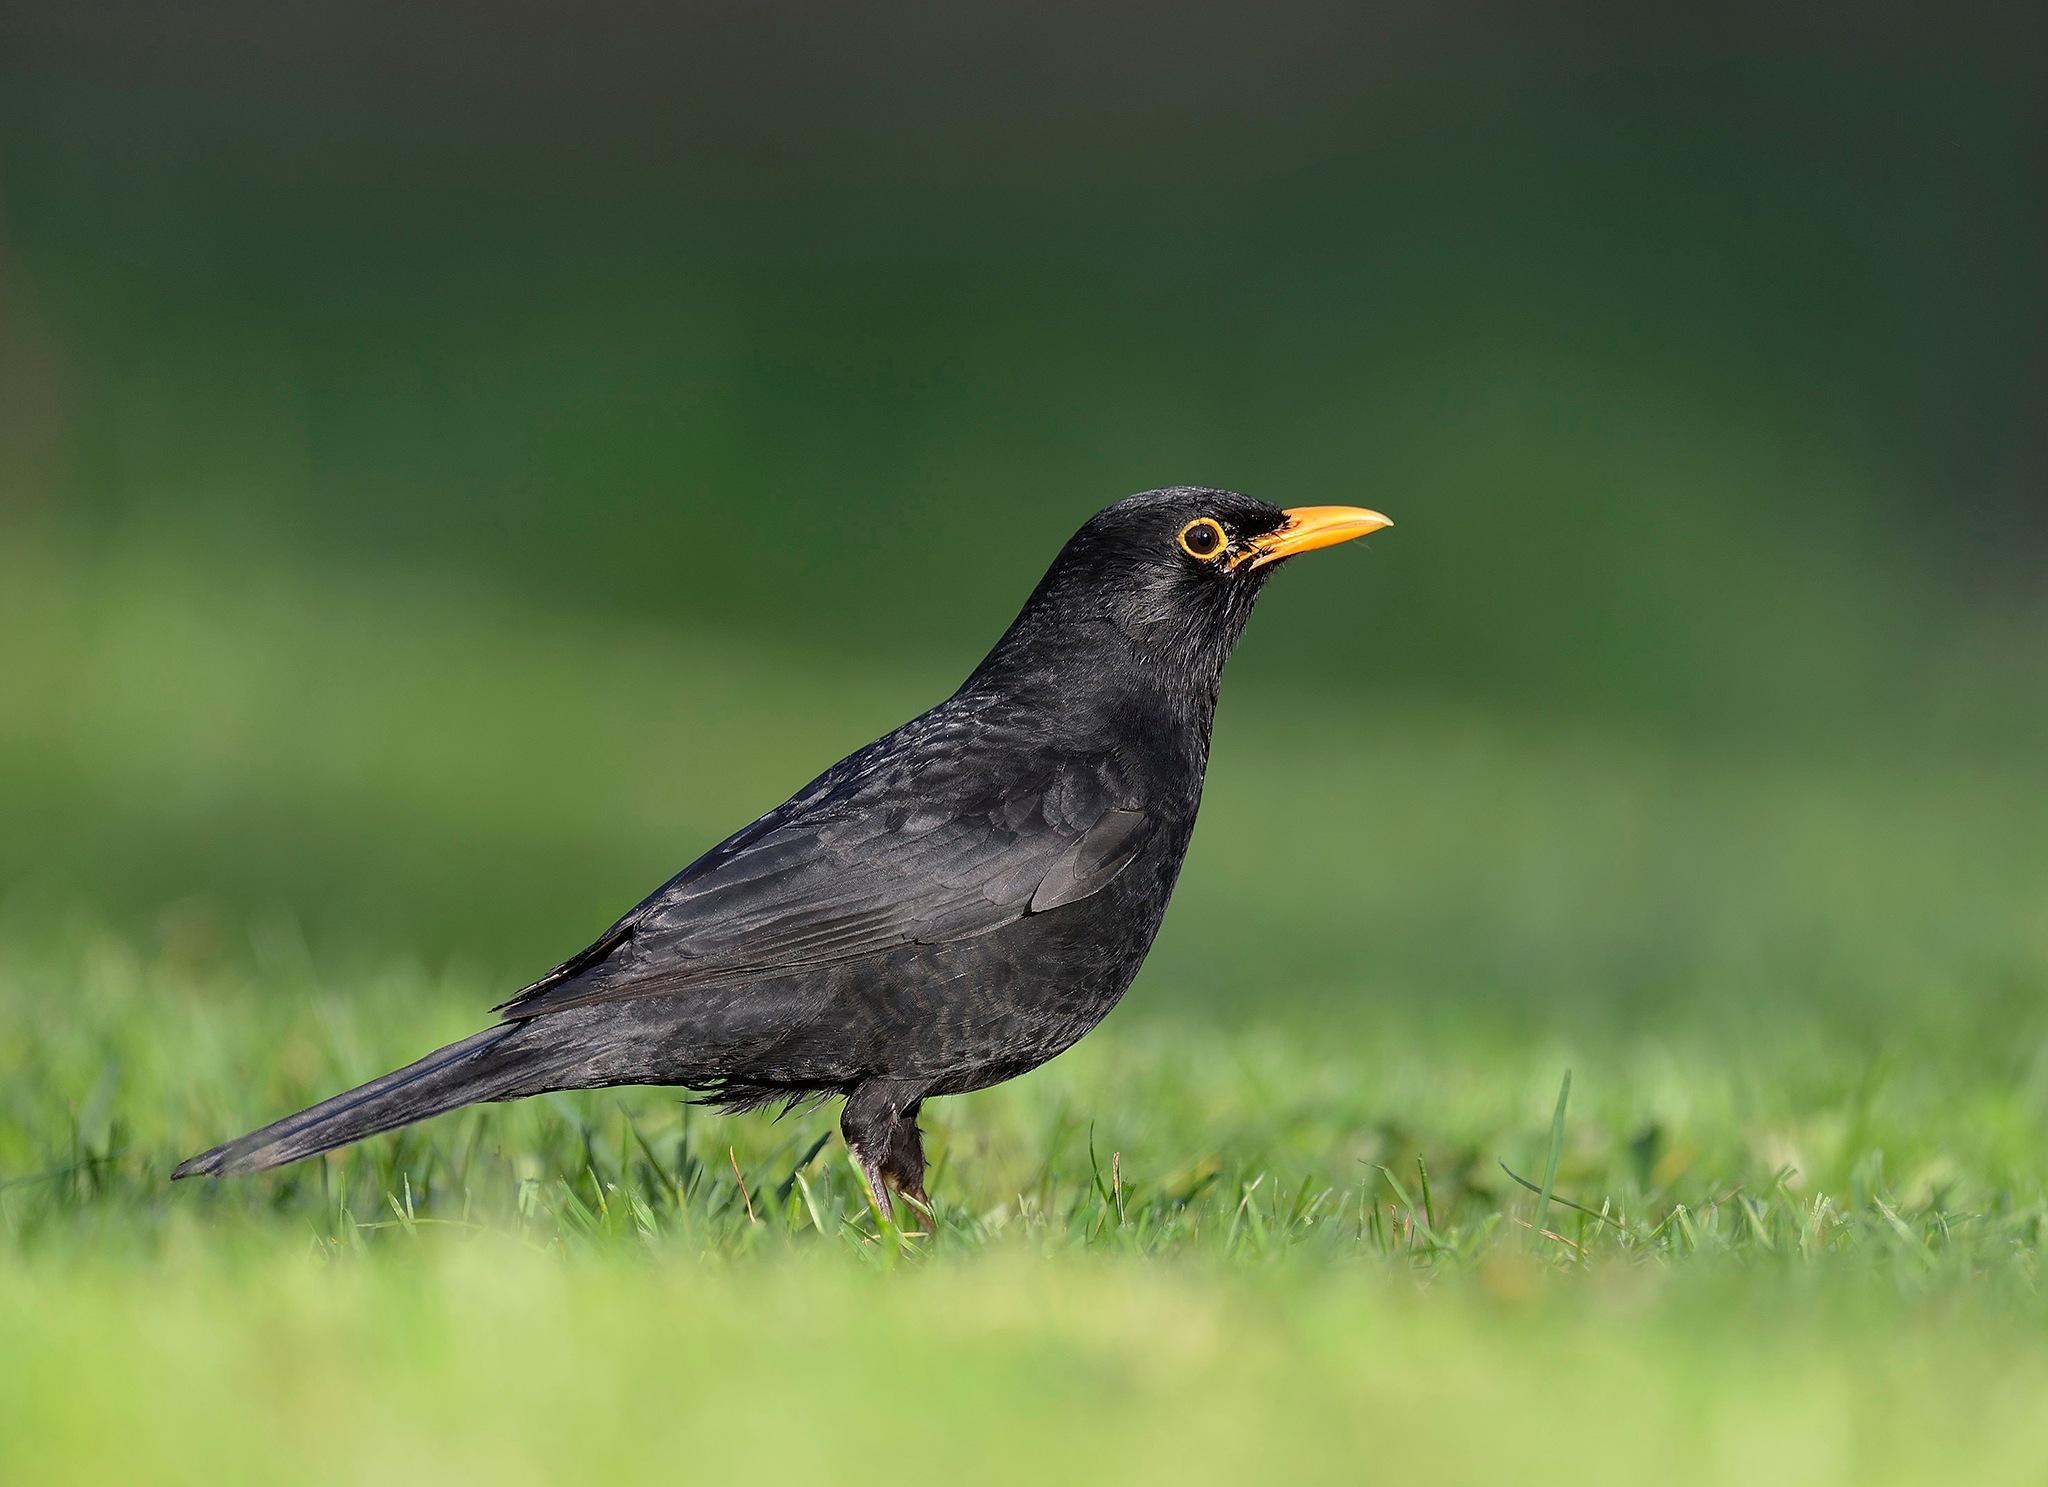 European blackbird by RonnieBergstrom